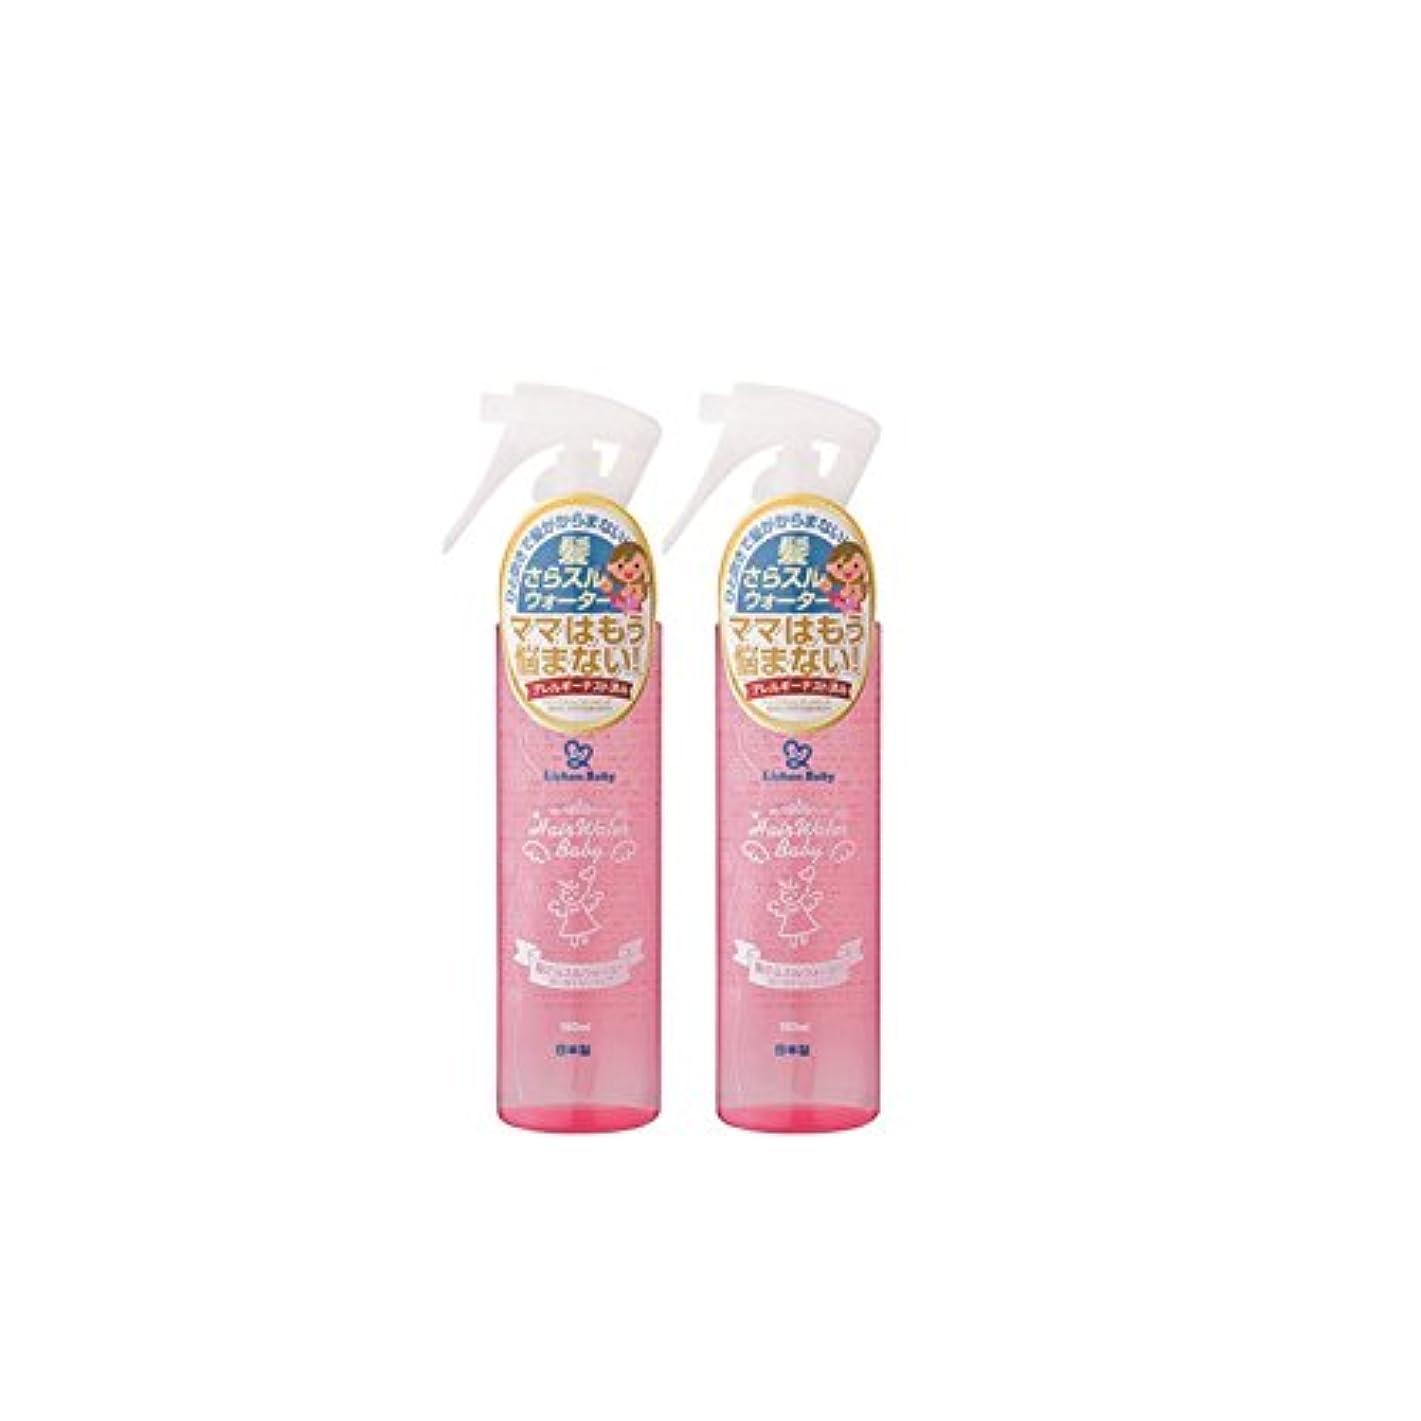 宣伝むき出し同情的リシャンベビー 髪さらスルウォーター 幼児用 (フローラルの香り) 150mL 2本セット